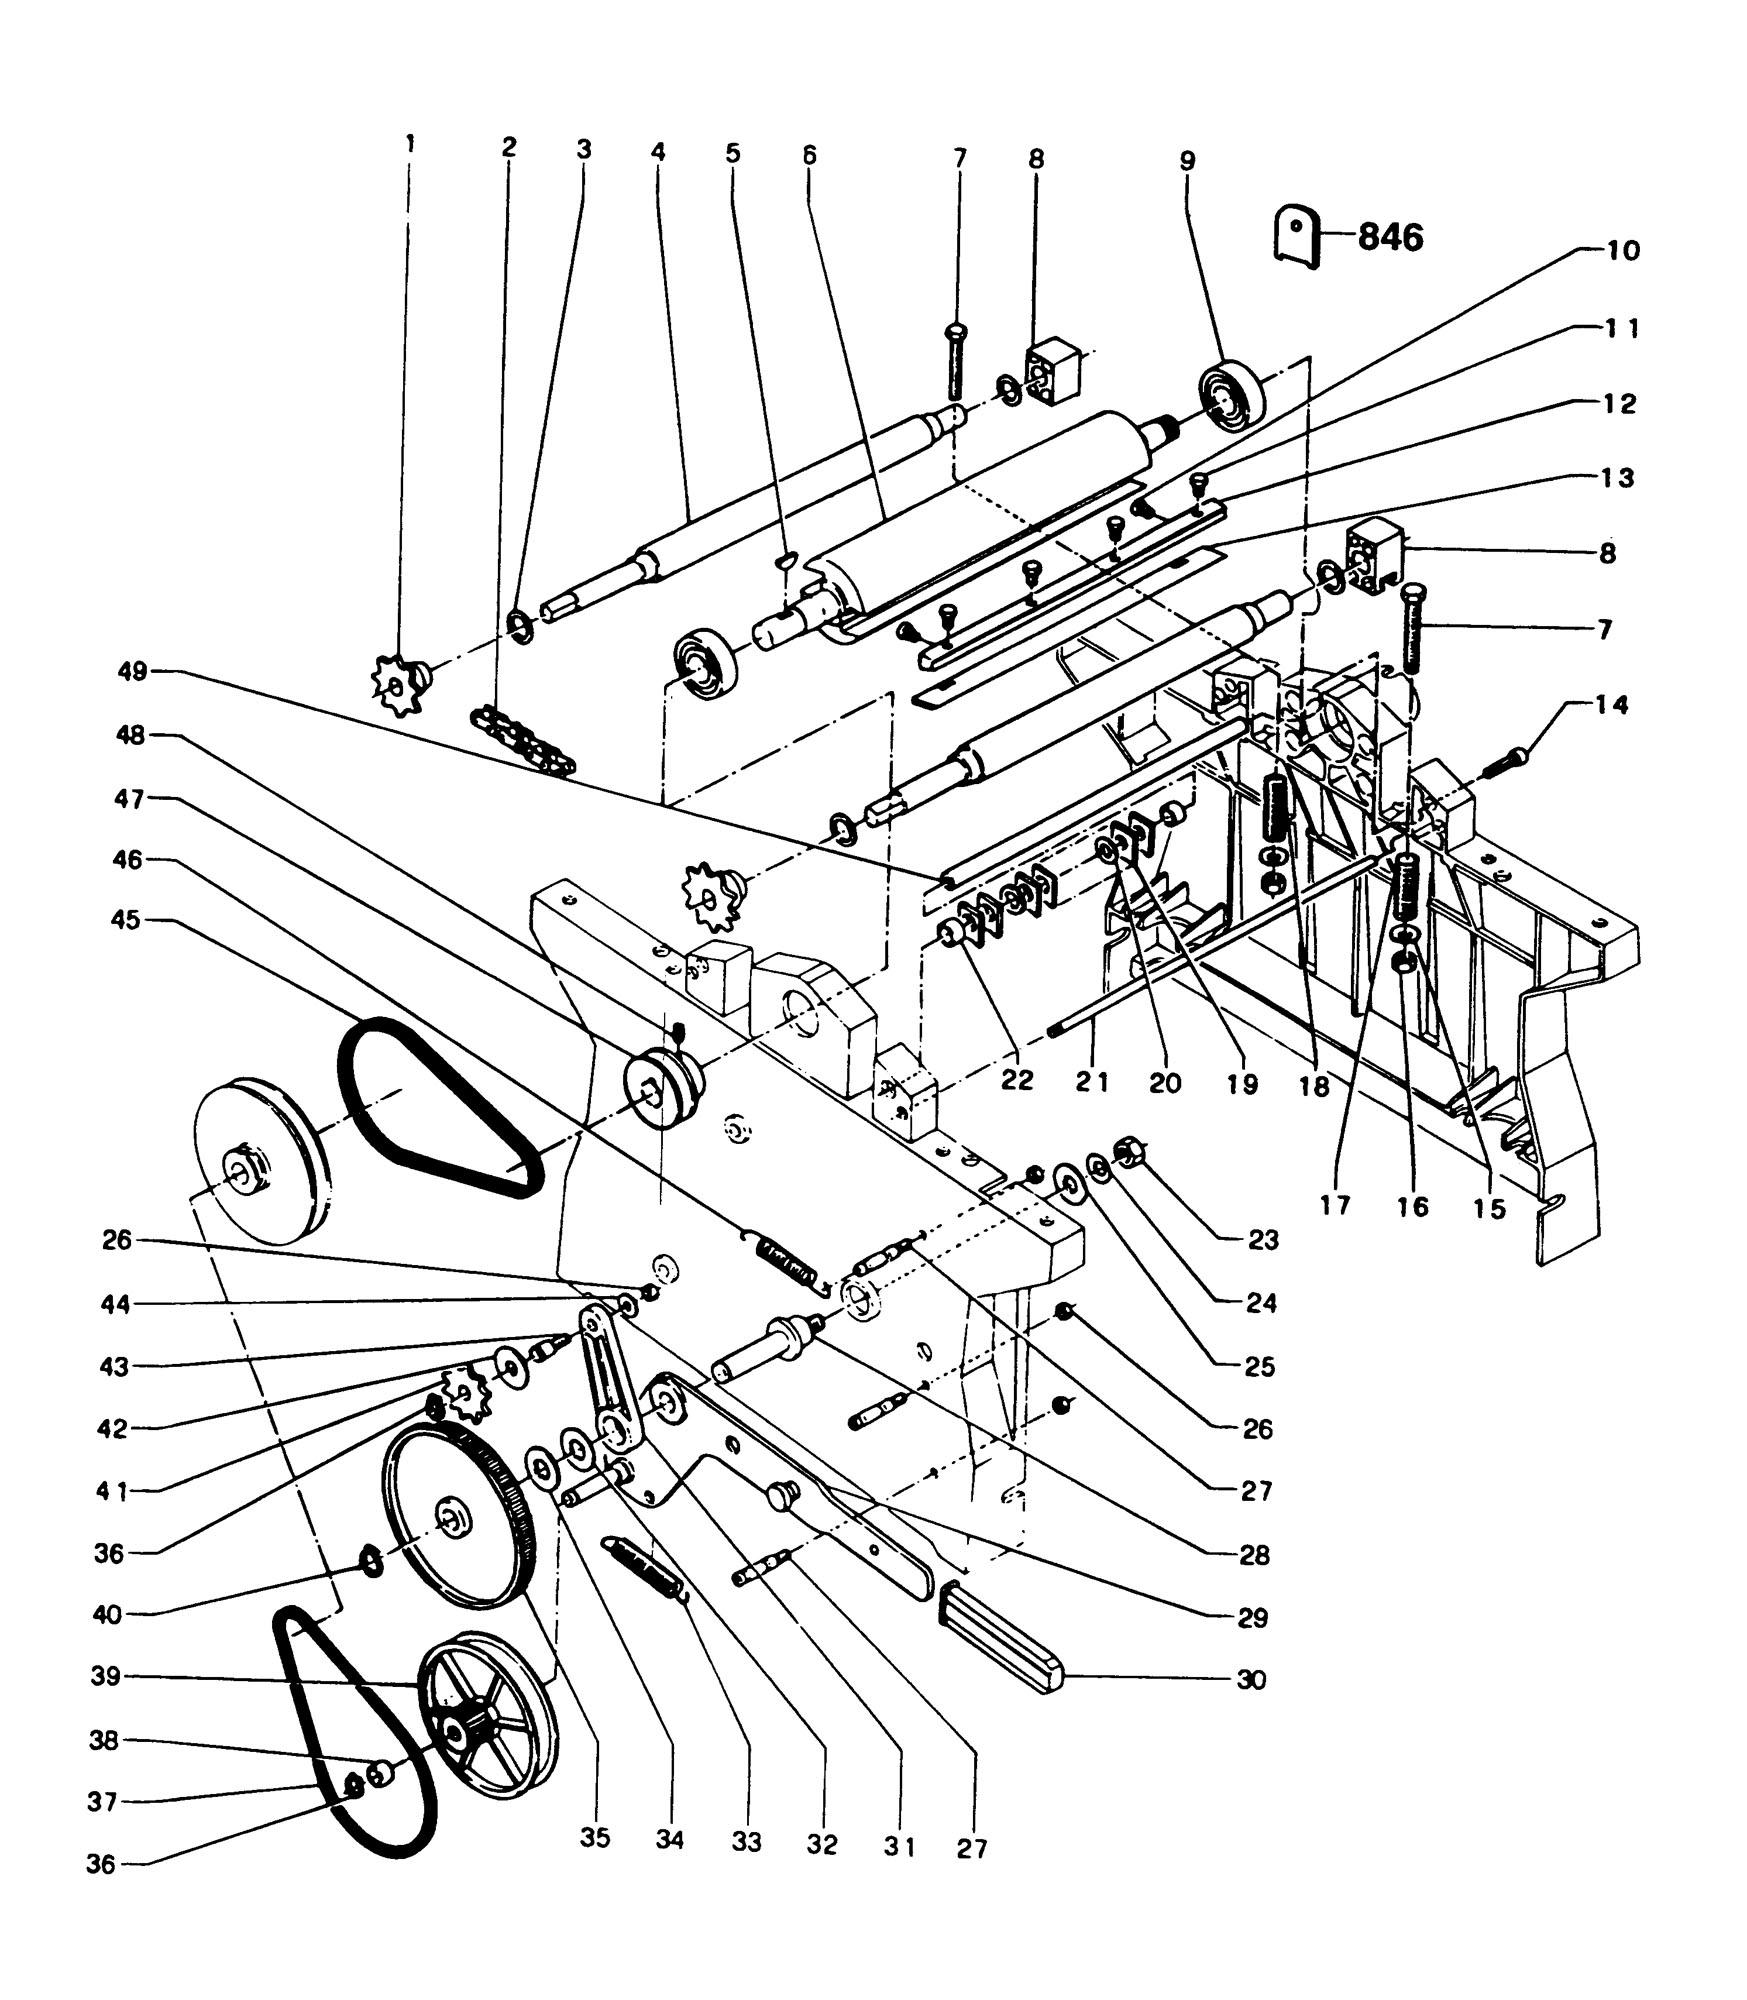 Spares for Dewalt Dw1151----k Planer Thicknesser (type 1